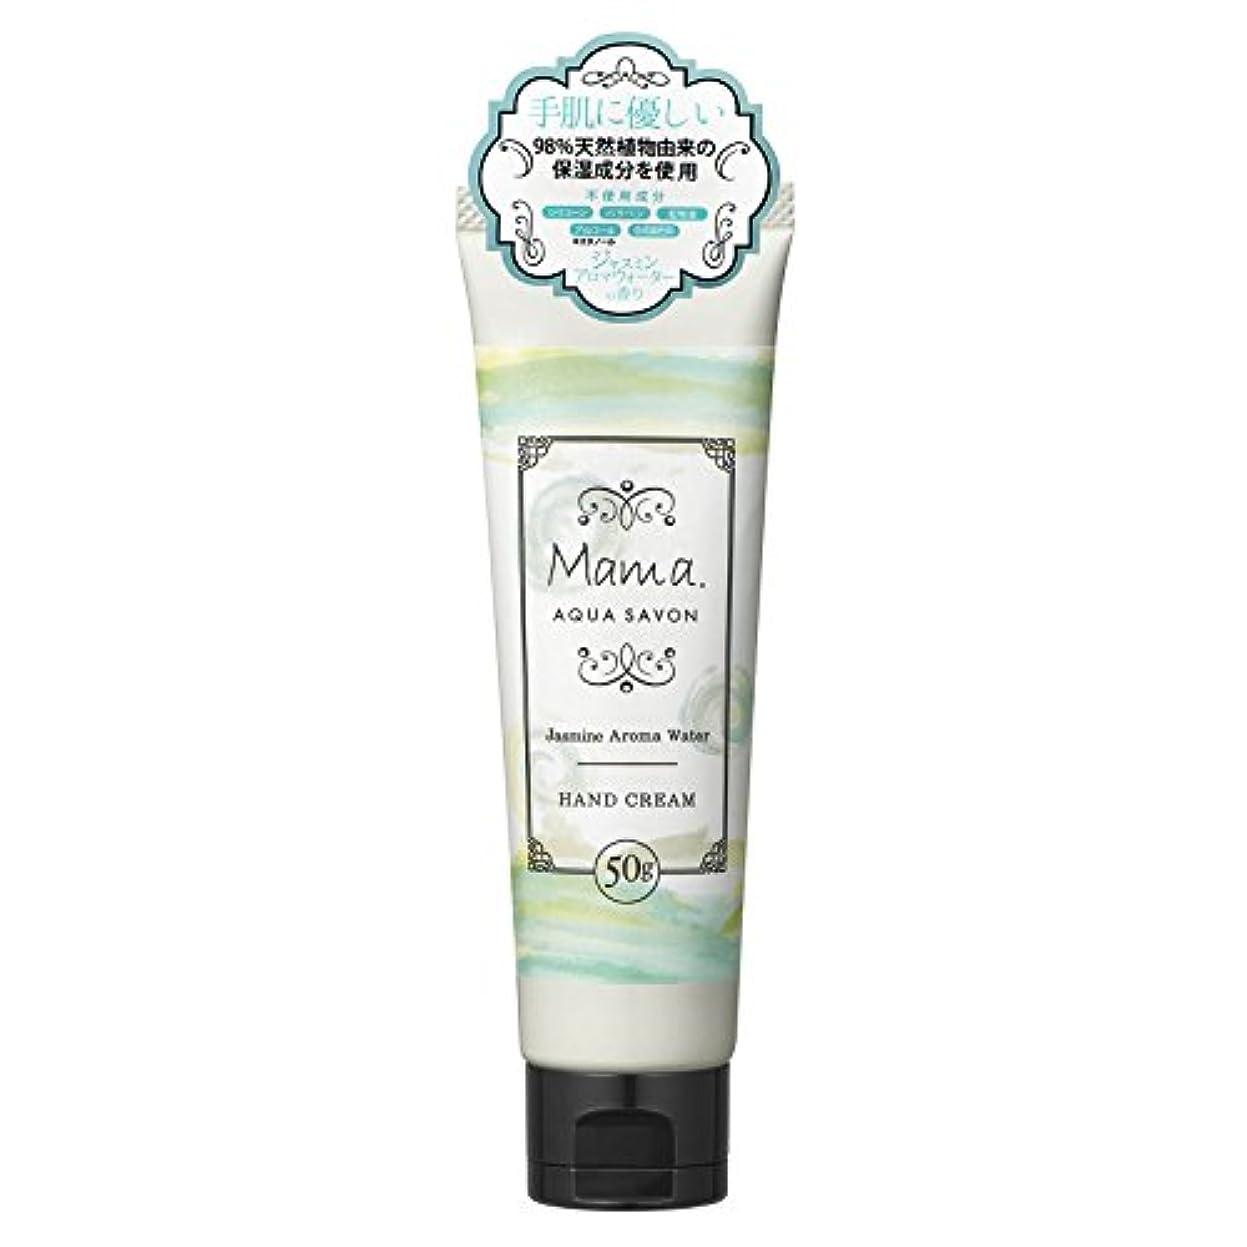 ティーム出費部屋を掃除するママアクアシャボン ハンドクリーム ジャスミンアロマウォーターの香り 50g